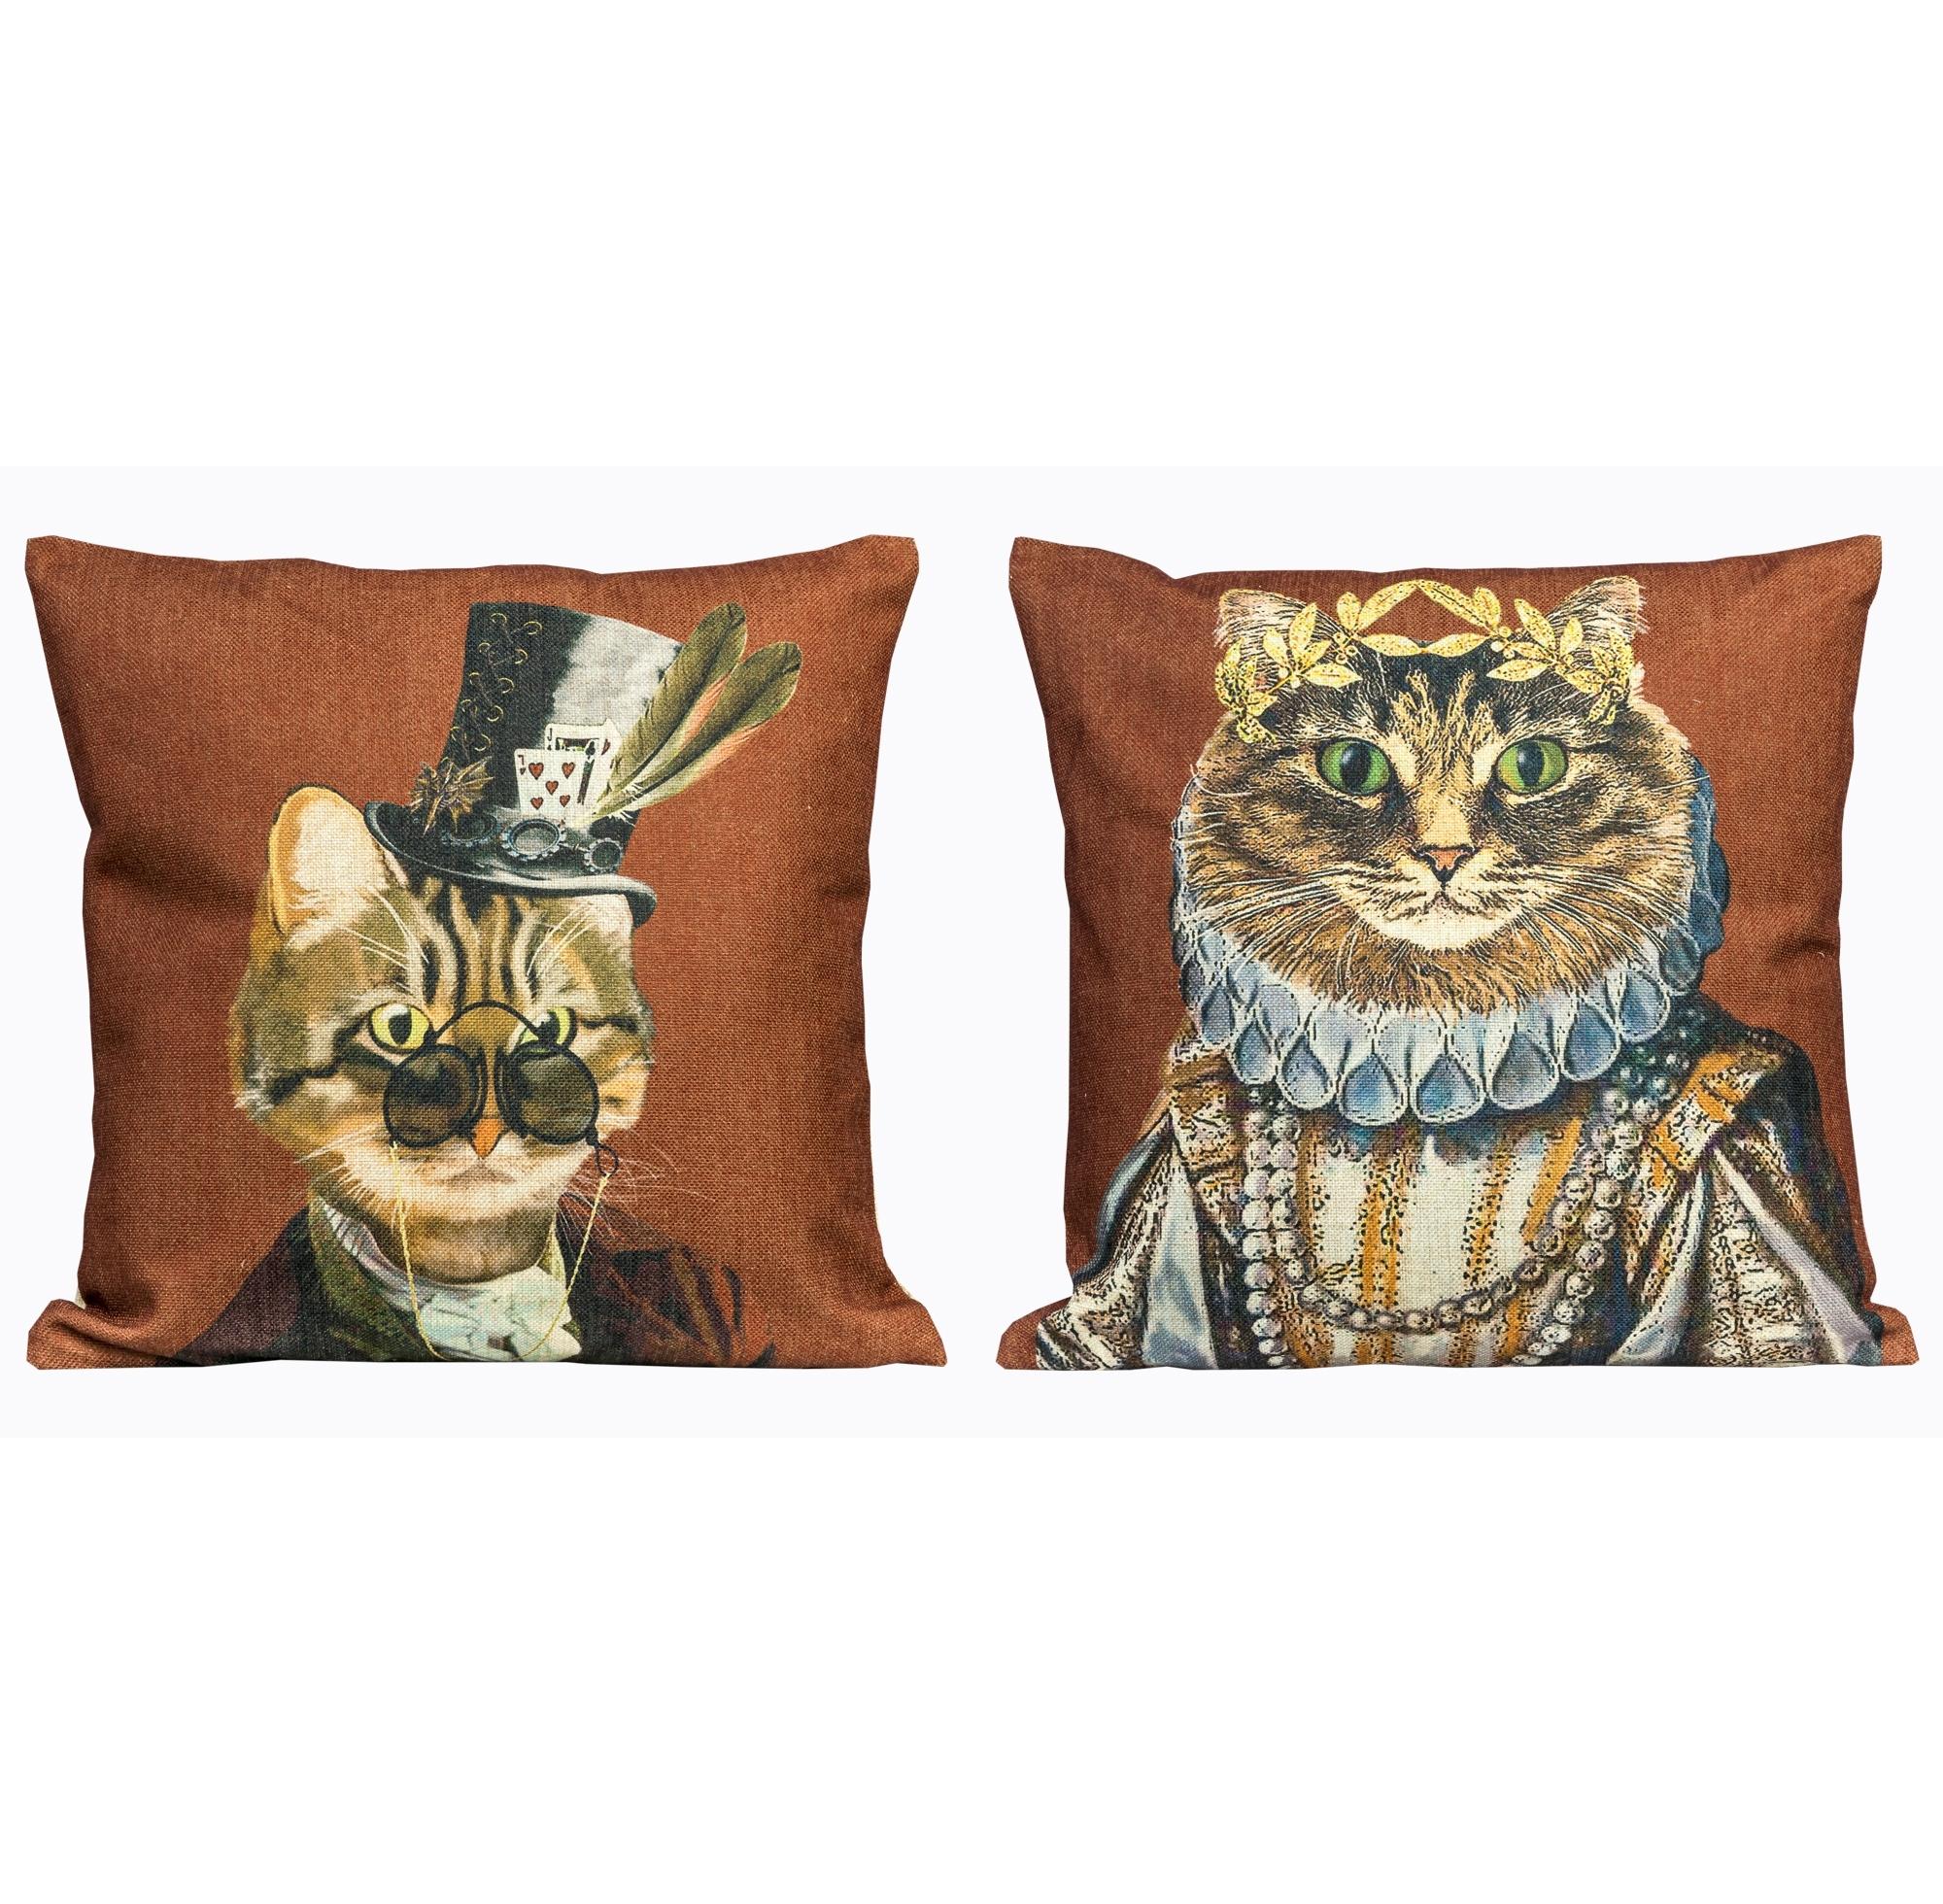 Набор из двух декоративных подушек Мистер Кот и мисс КошкаКвадратные подушки и наволочки<br>Набор декоративных подушек &amp;quot;Мистер Кот и мисс Кошка&amp;quot; - изделие коллекционное.  Каждый из рисунков выпущен лимитированным тиражом. <br>Среди аксессуаров подушка является едва ли не самым полезным, приятным, желанным приобретением. <br>Не скроем, что интерьерный комикс создан под впечатлением от сказок Льюиса Кэрролла.<br>Для детской комнаты декоративные подушечки с игрушечными персонажами - прямо-таки предмет первой необходимости.&amp;lt;div&amp;gt;&amp;lt;br&amp;gt;&amp;lt;/div&amp;gt;&amp;lt;div&amp;gt;Вес каждой из подушек 400г.<br>&amp;lt;/div&amp;gt;<br><br>Material: Лен<br>Ширина см: 45<br>Высота см: 45